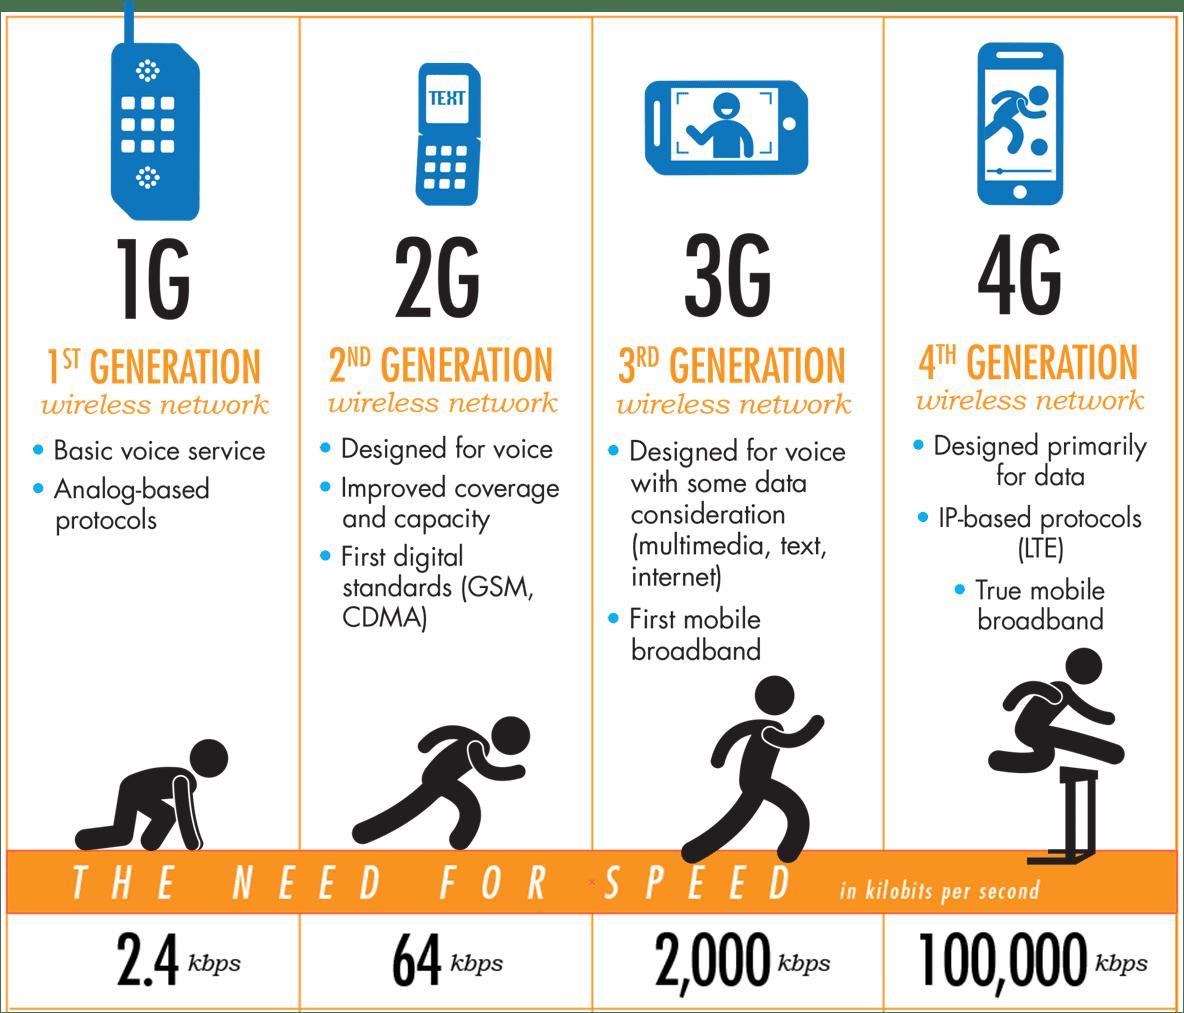 Ilustrasi Evolusi Koneksi Internet